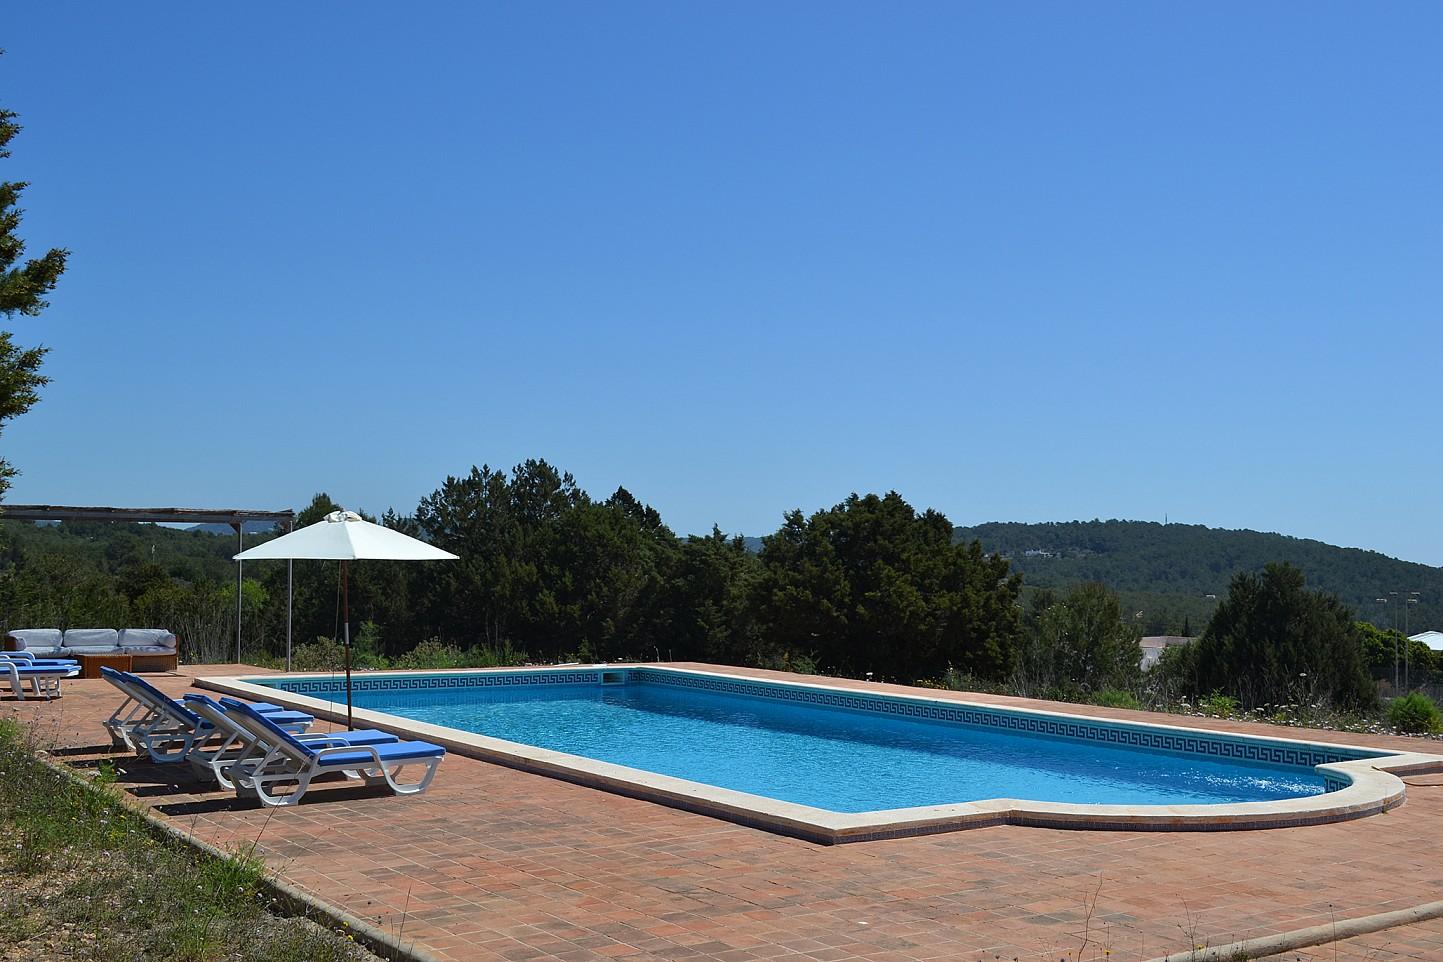 Magnífica piscina con hamacas